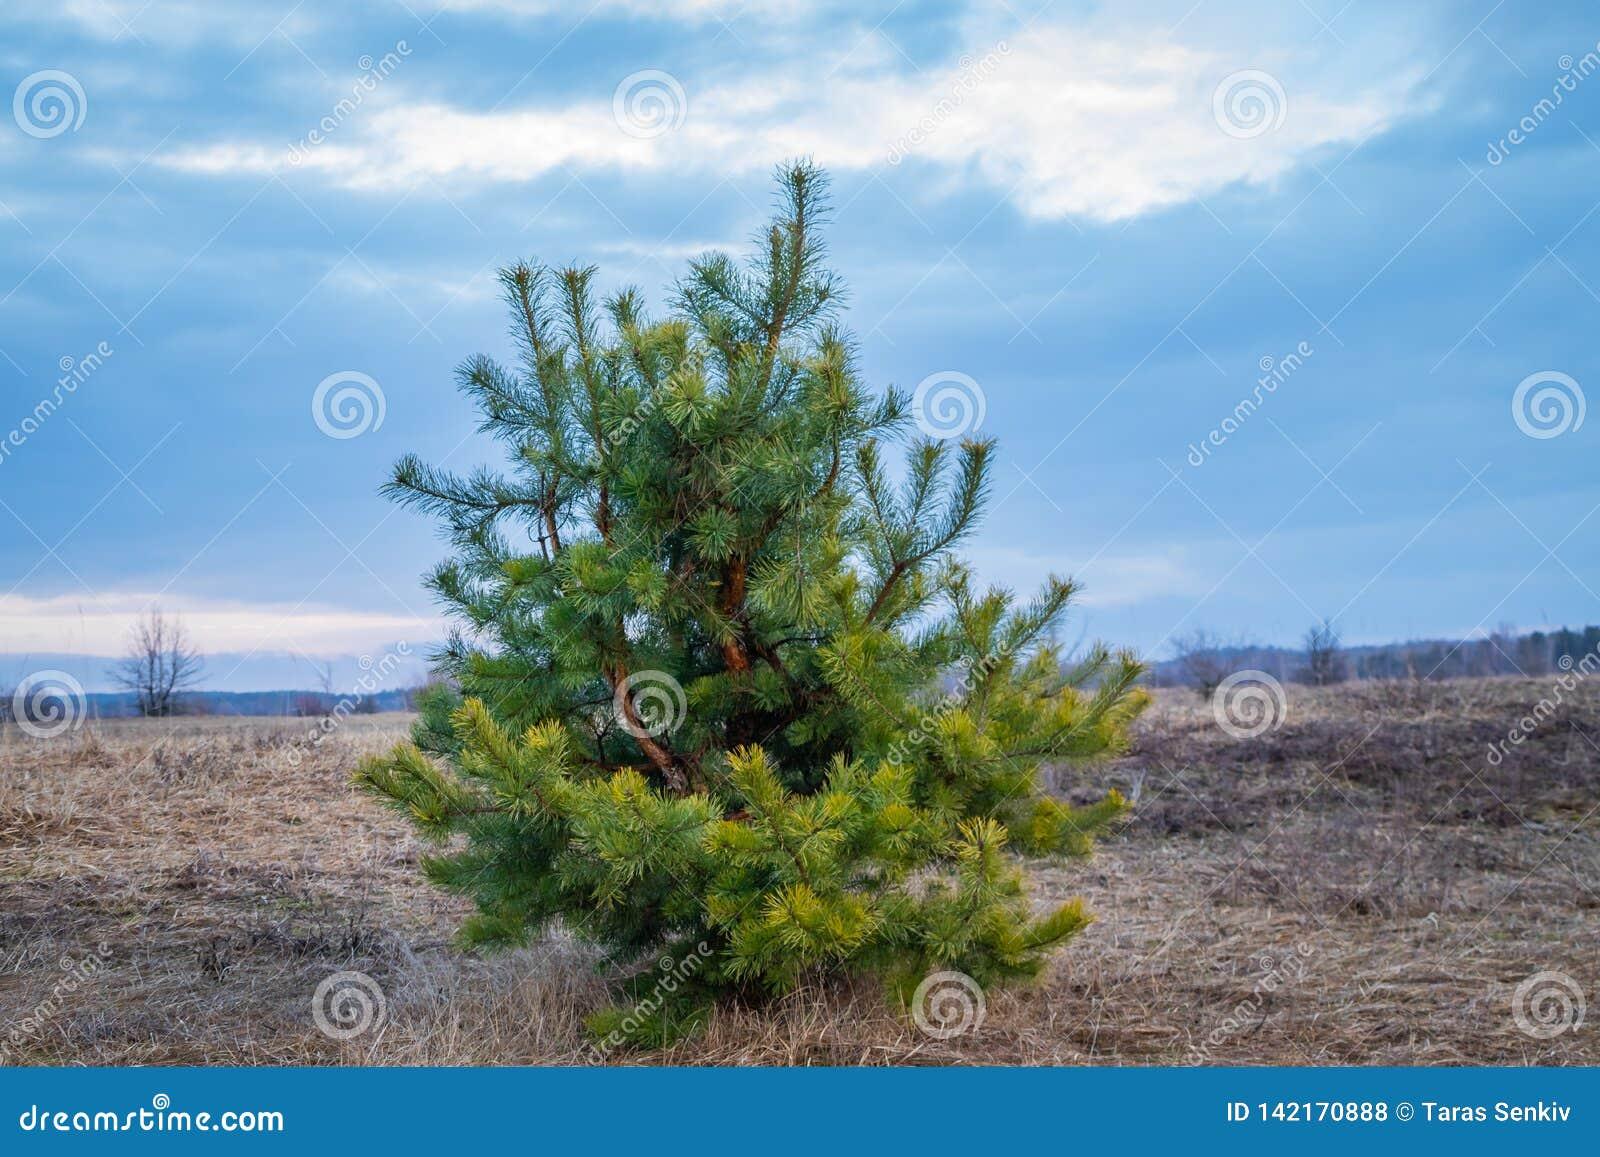 Jonge pijnboom, naaldboom, eenzaam, op een open gebied, in de lente